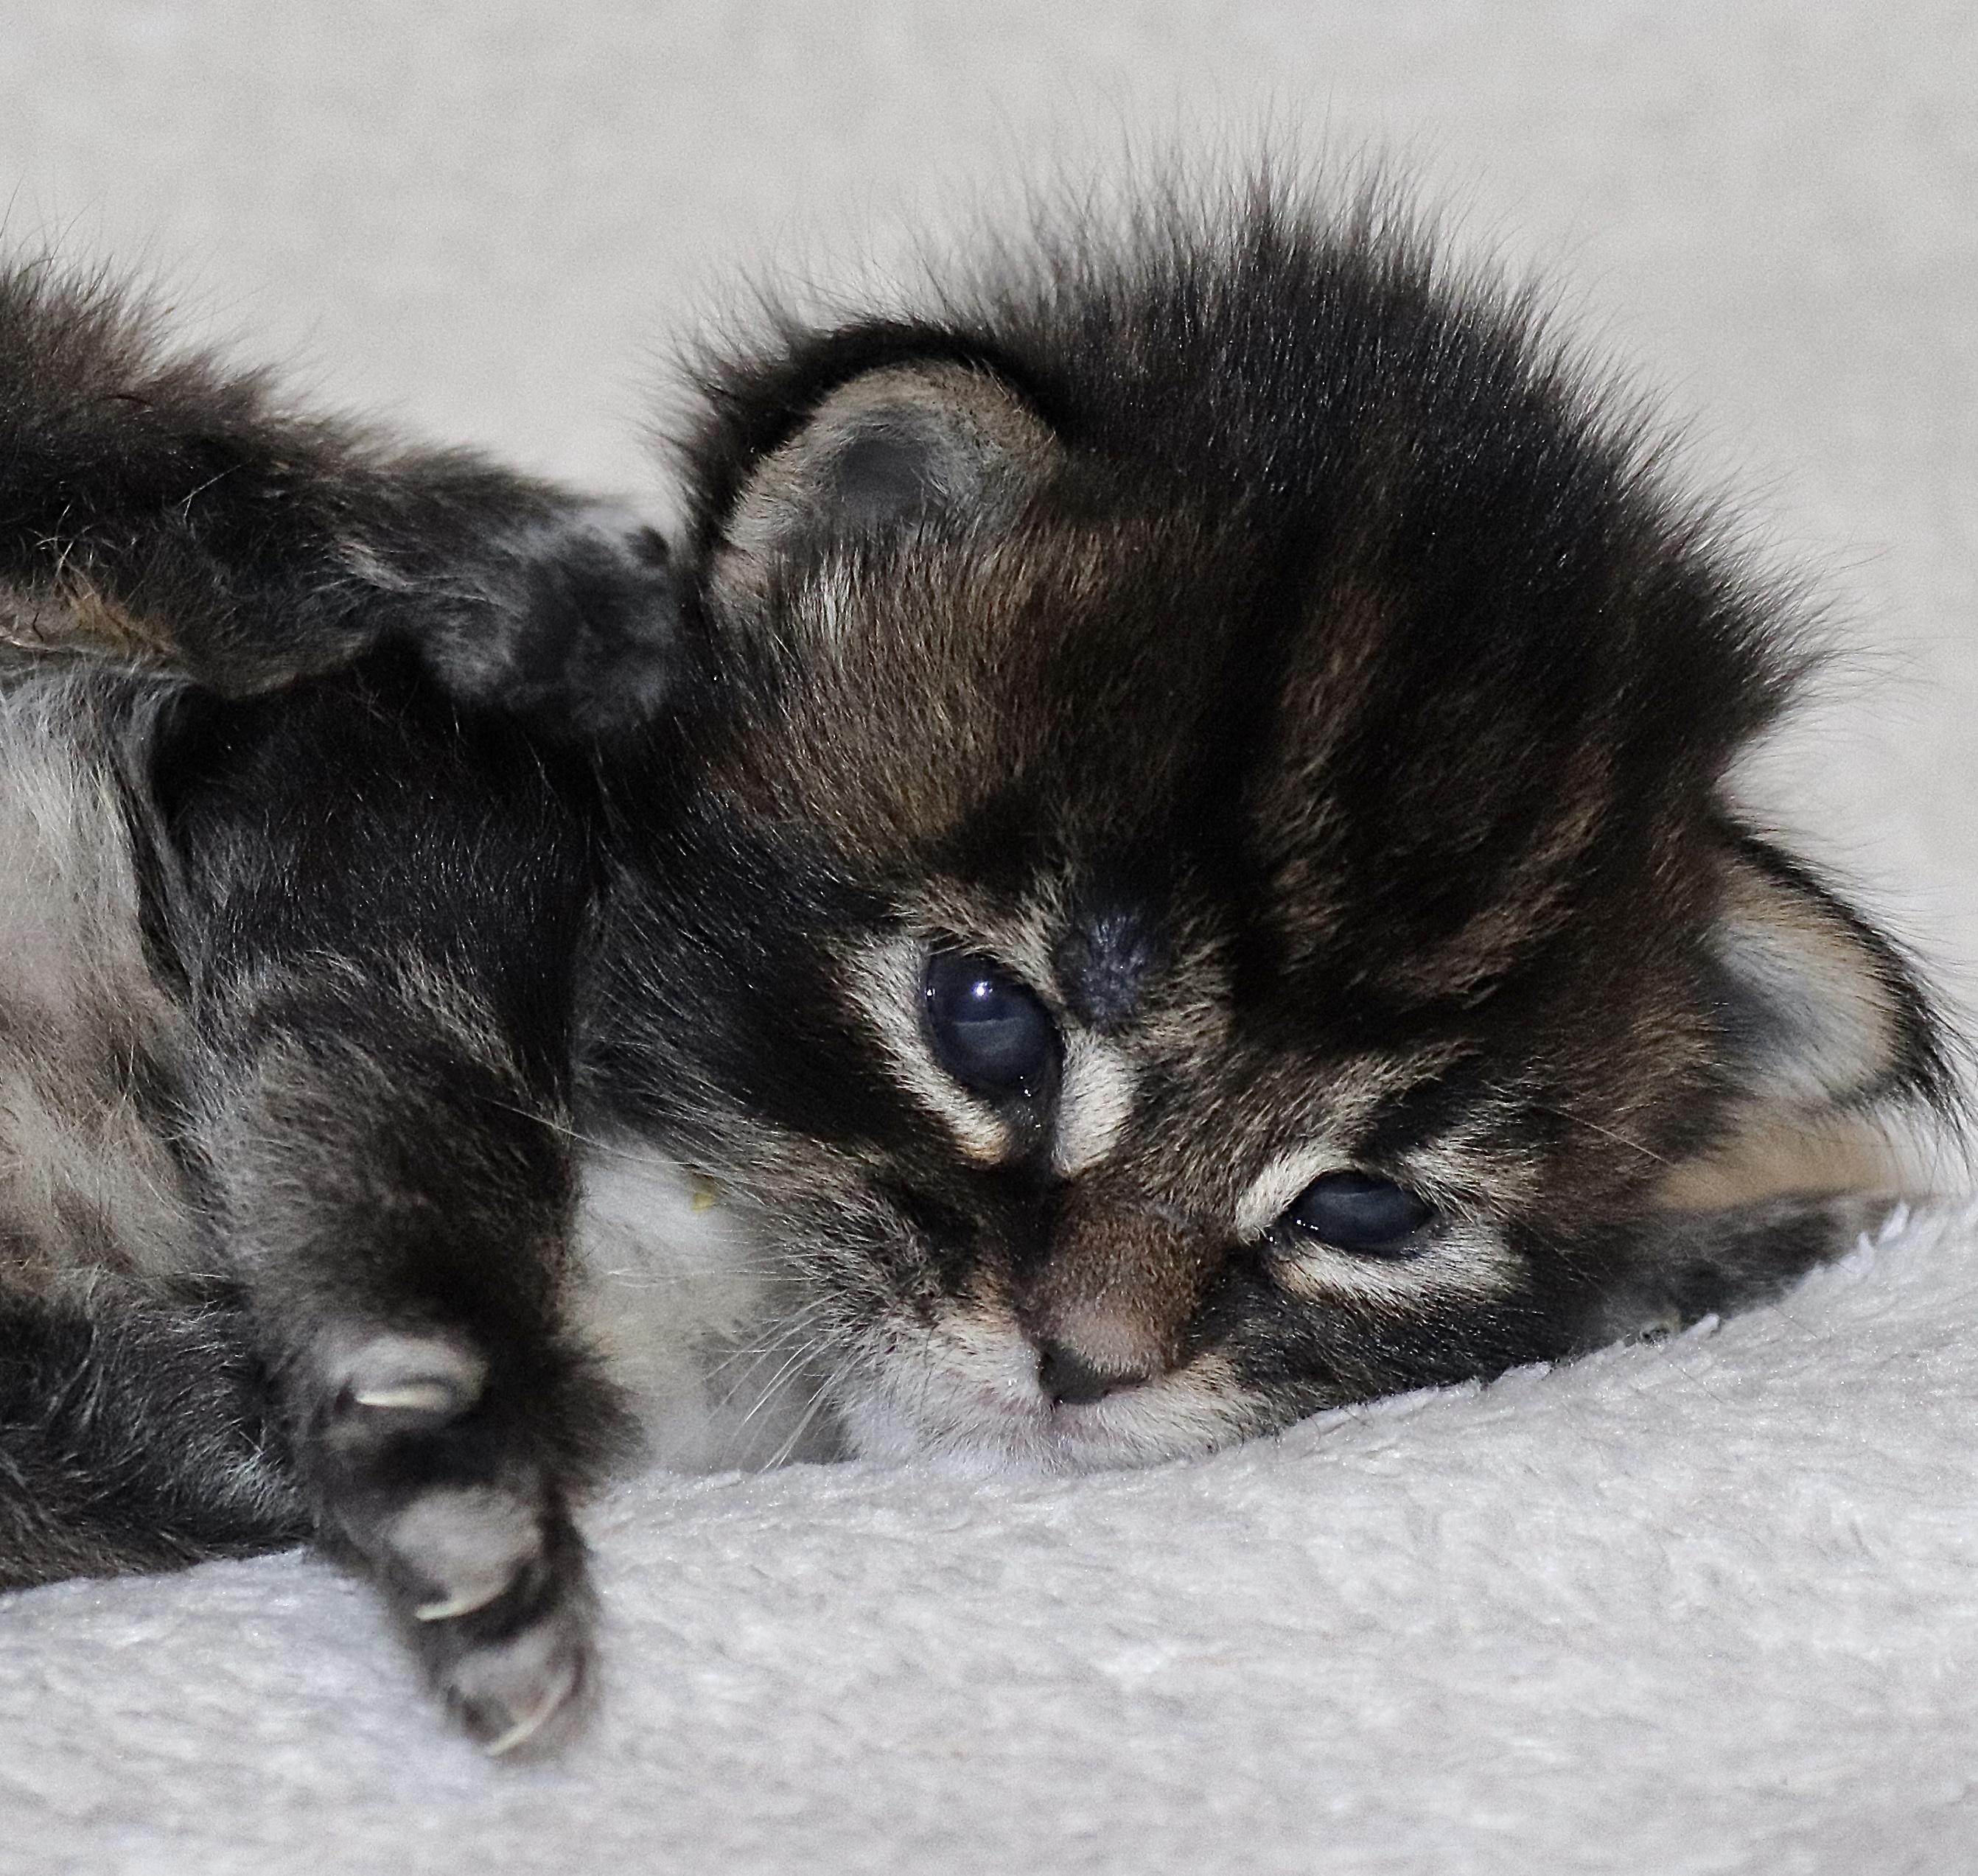 fotka kočky MAGGIE VON ERILLIAN,CZ